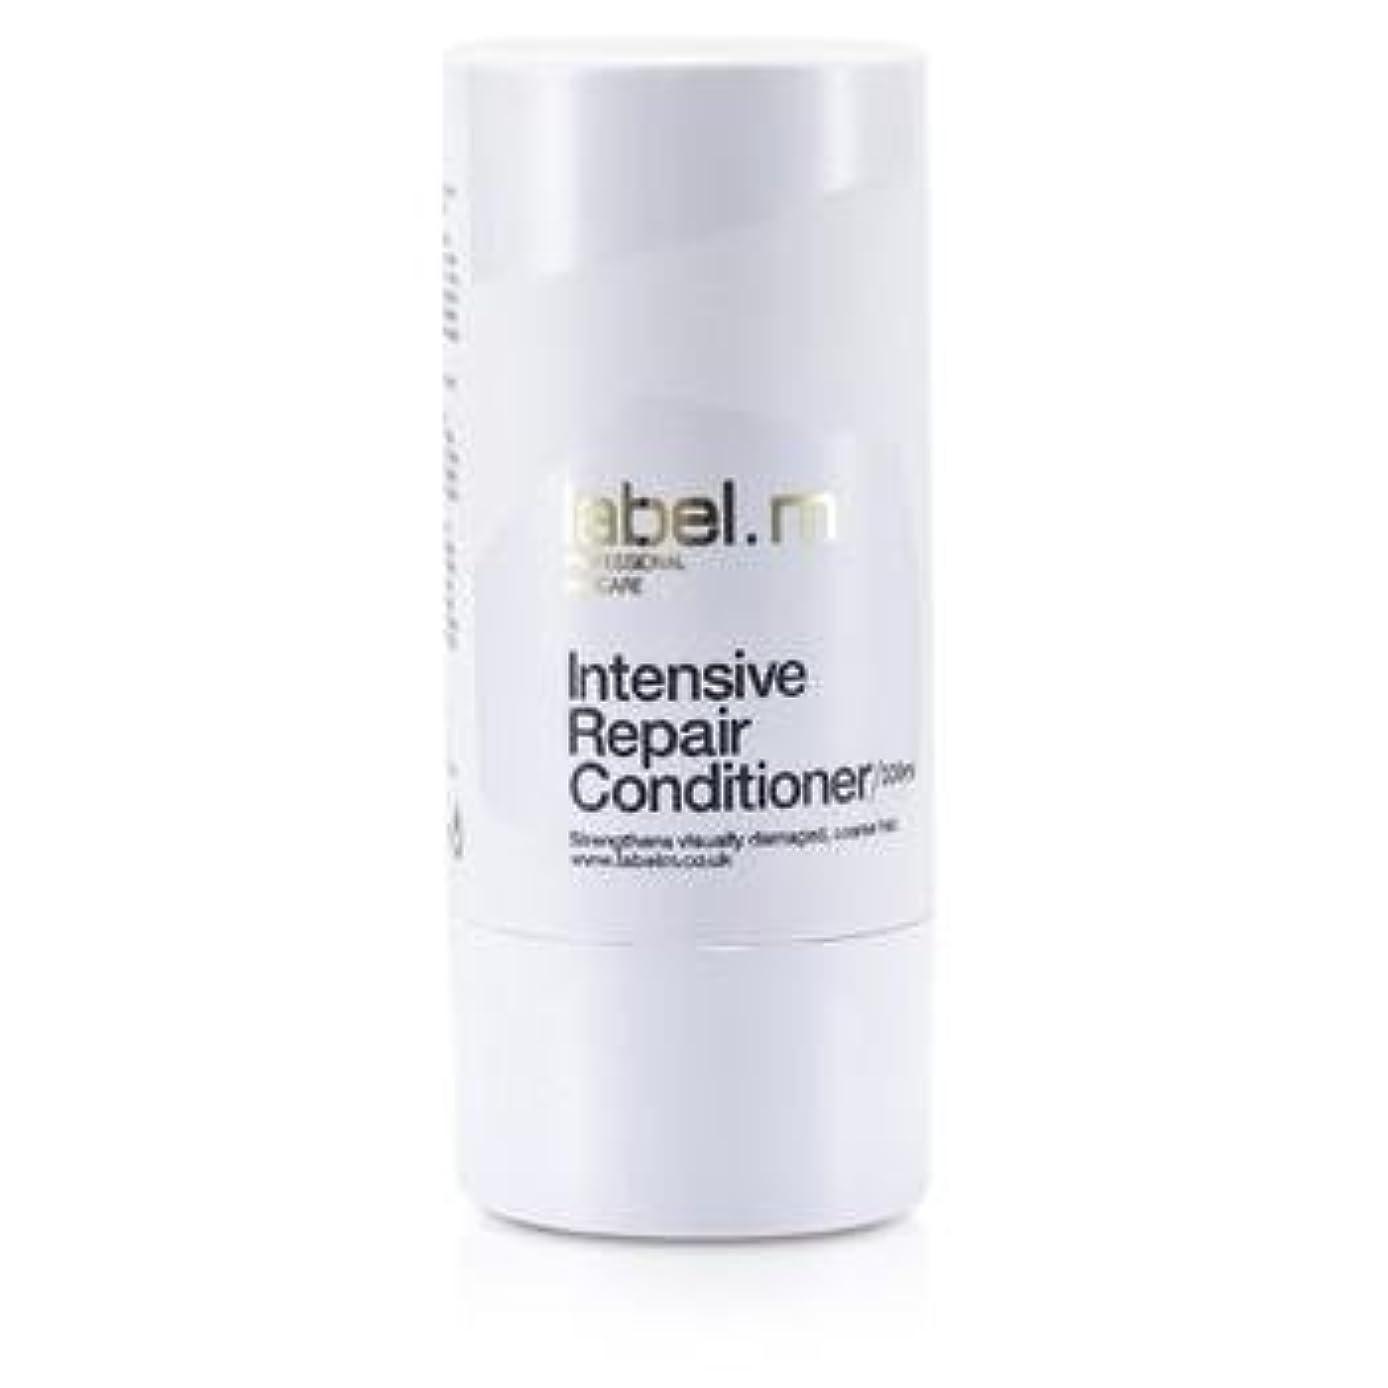 彫る槍歌手Label MIntensive Repair Conditioner (For Visually Damaged, Coarse Hair) 300ml/10.1oz【海外直送品】